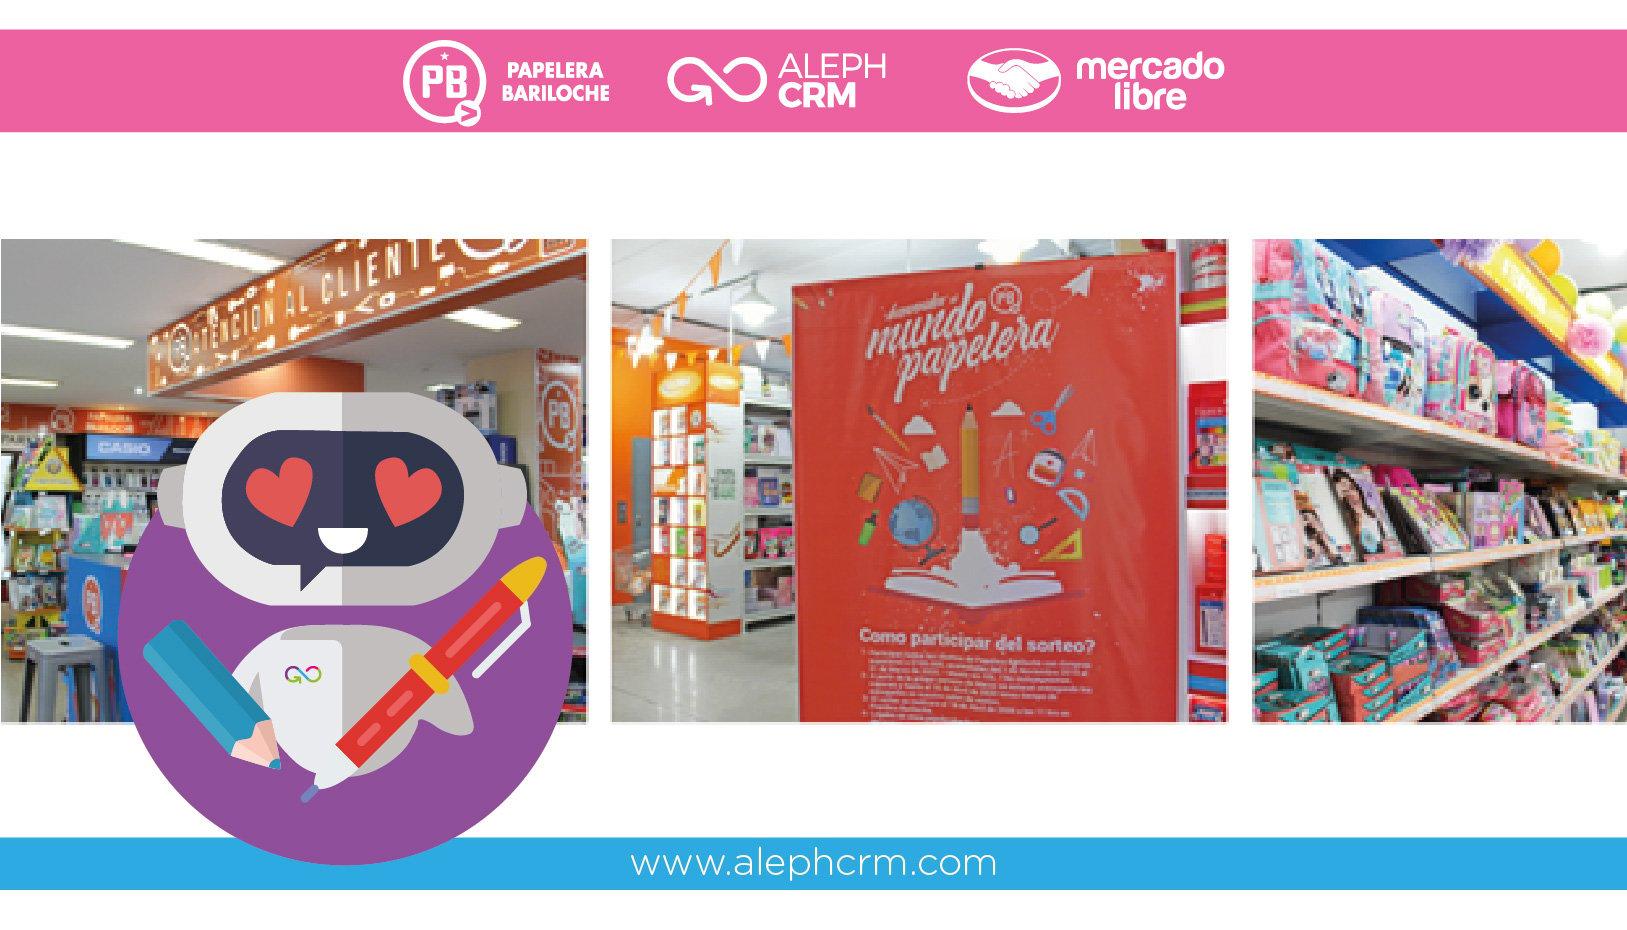 Papelera Bariloche incorpora una herramienta innovadora para potenciar el e-commerce en librerías